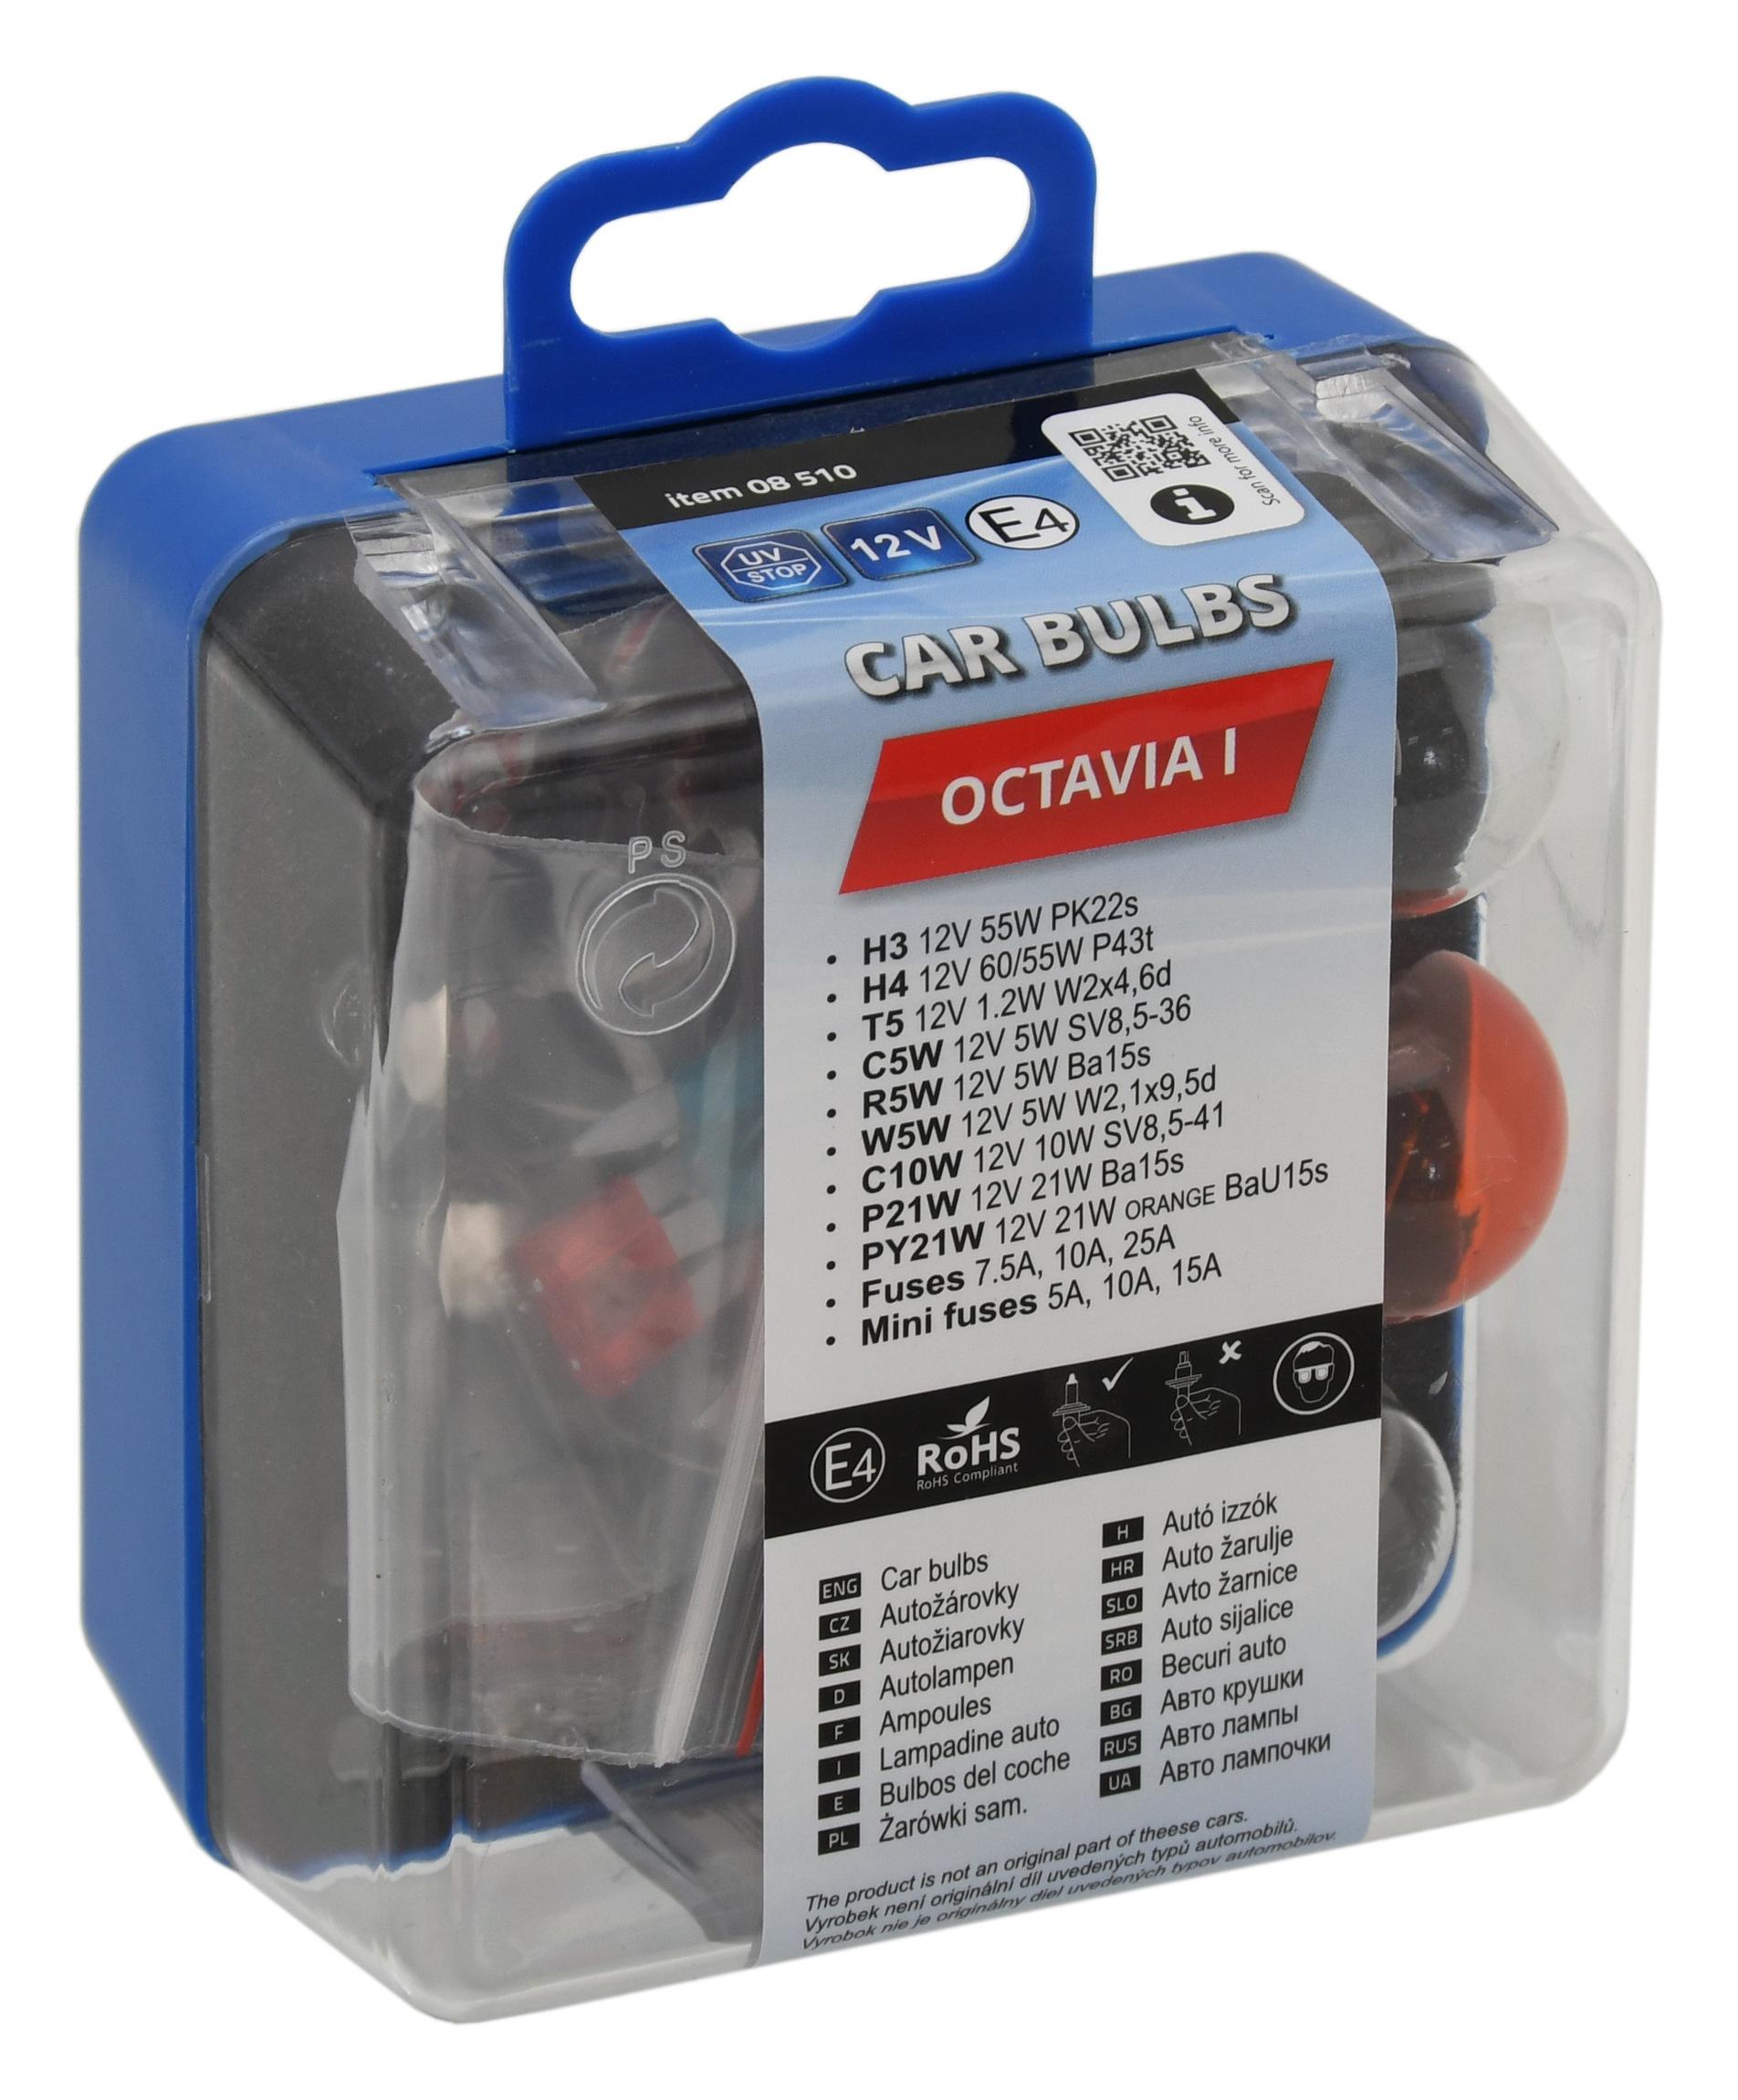 Žárovky servisní box ŠKODA OCTAVIA I.; 8510